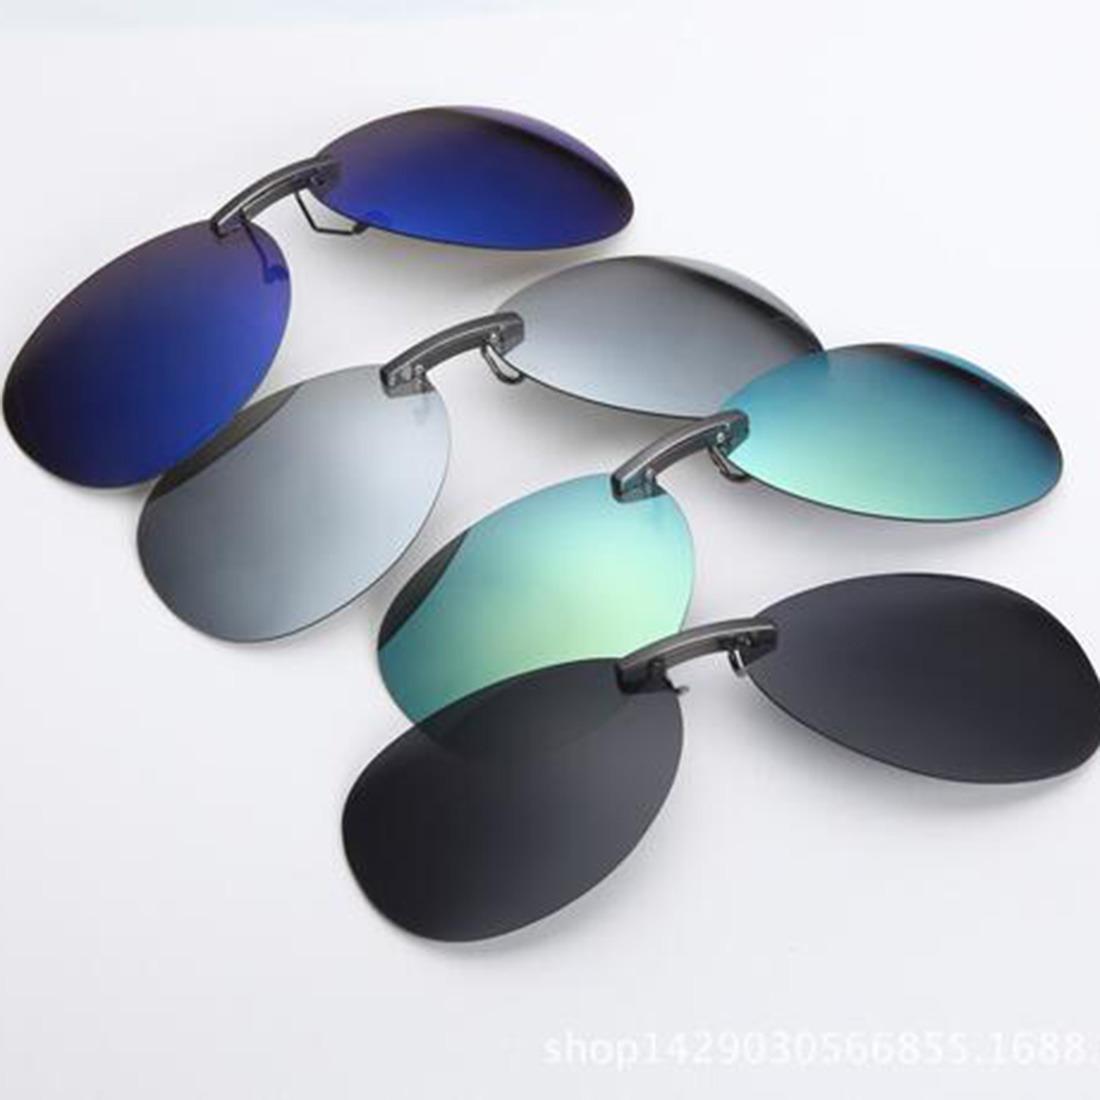 bb7e35bc85762 2 Lentes Discreto P  Óculos Clip On Aviador Polarizado - R  139